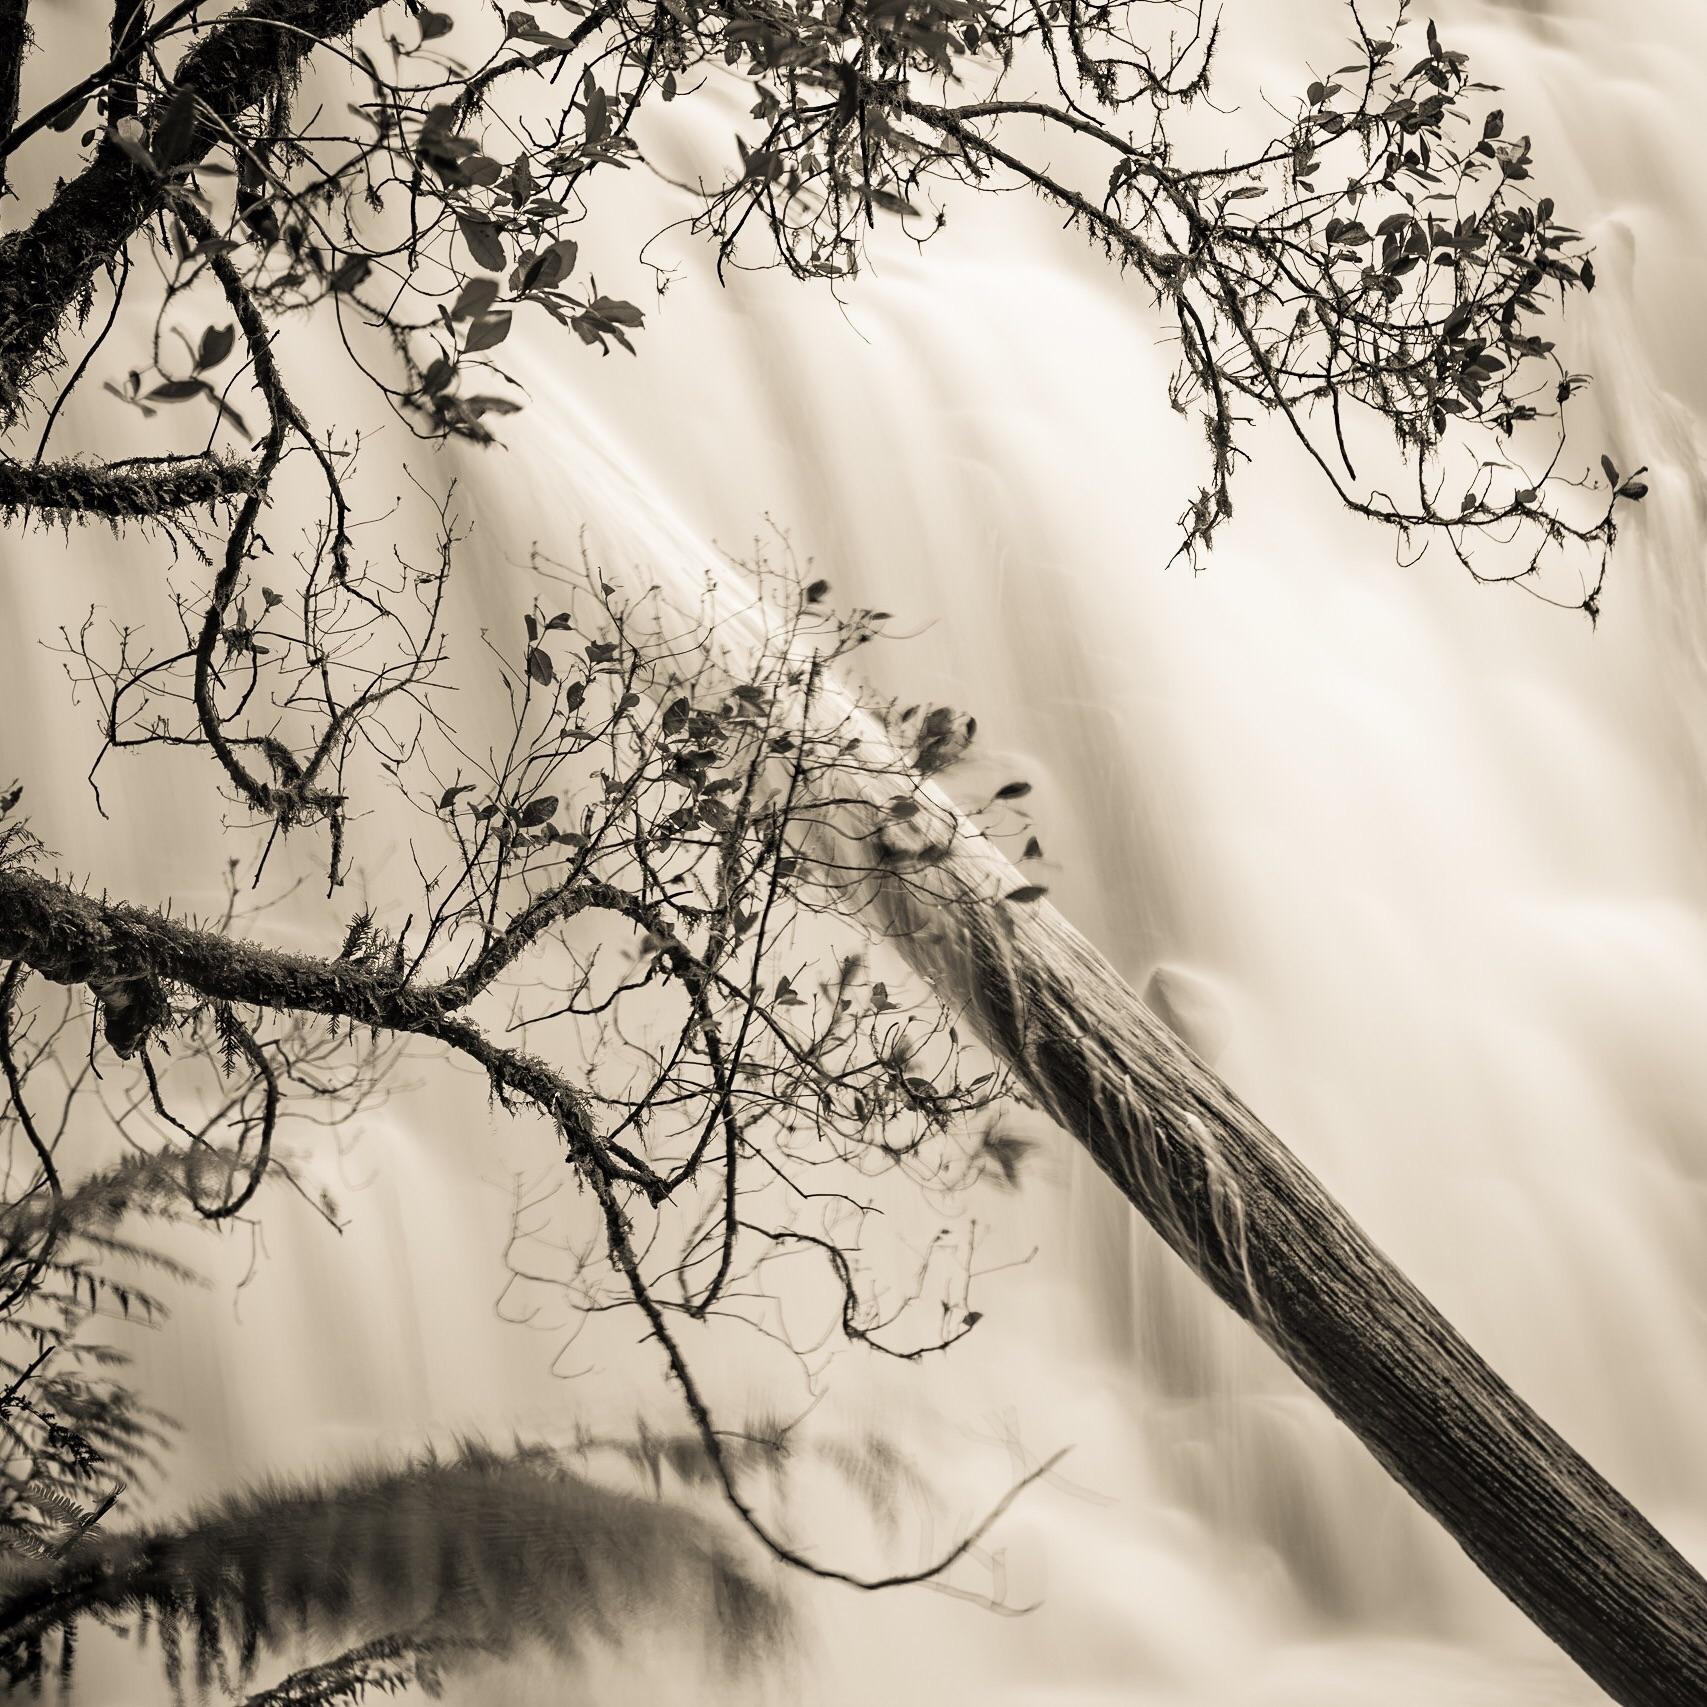 Dip Falls, the Tarkine, Tasmania. Copyright (c) Len Metcalf 2016